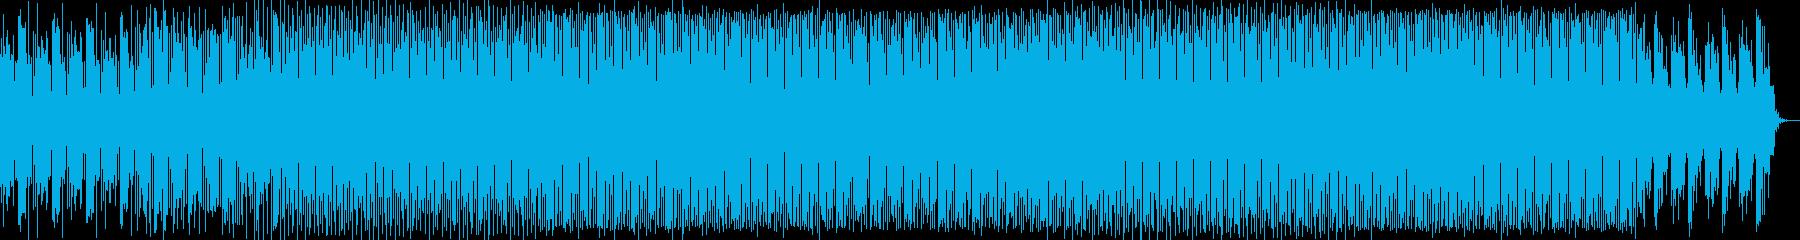 先鋭的な4つ打ちのテクノ音の再生済みの波形